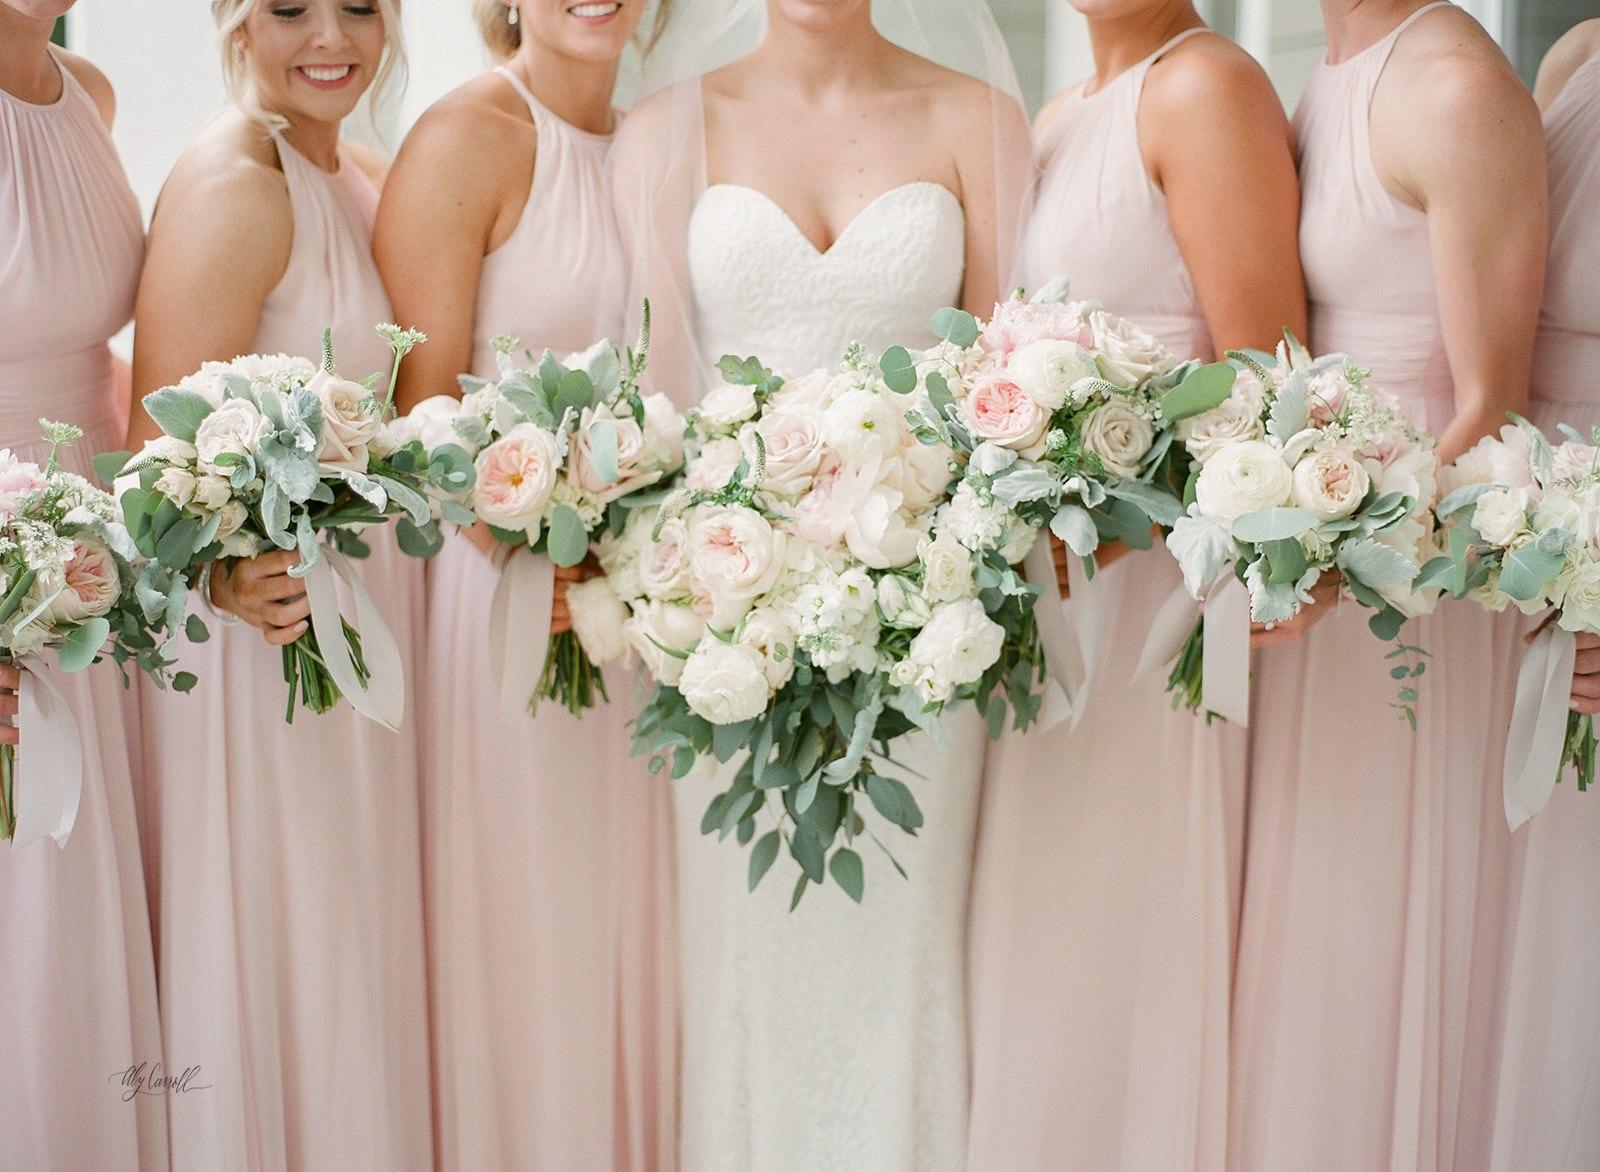 Allison _ Travis Wedding Film-000066330012.jpg